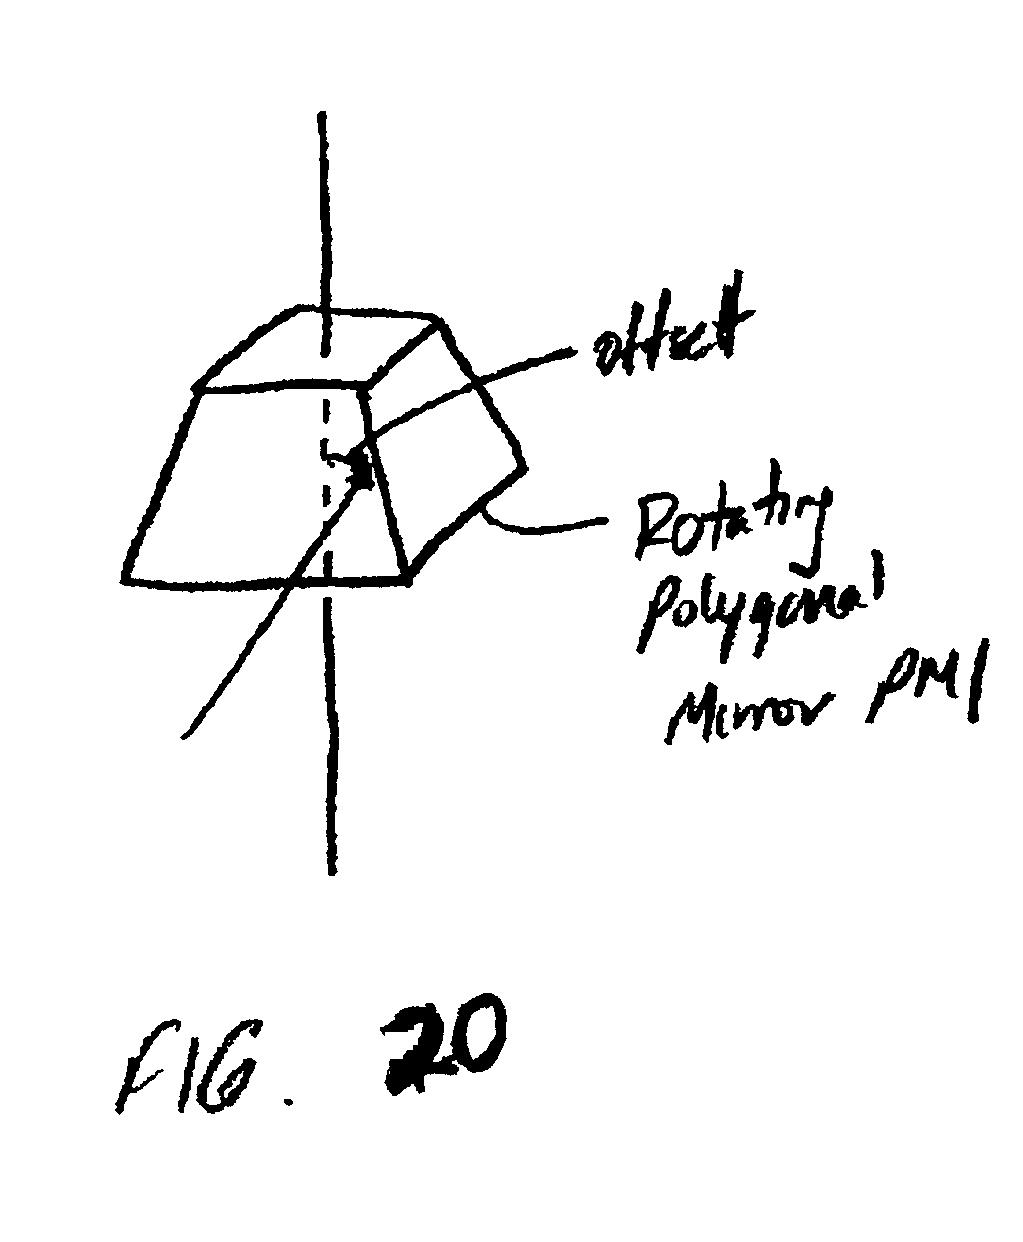 db9 serial to usb wiring diagram